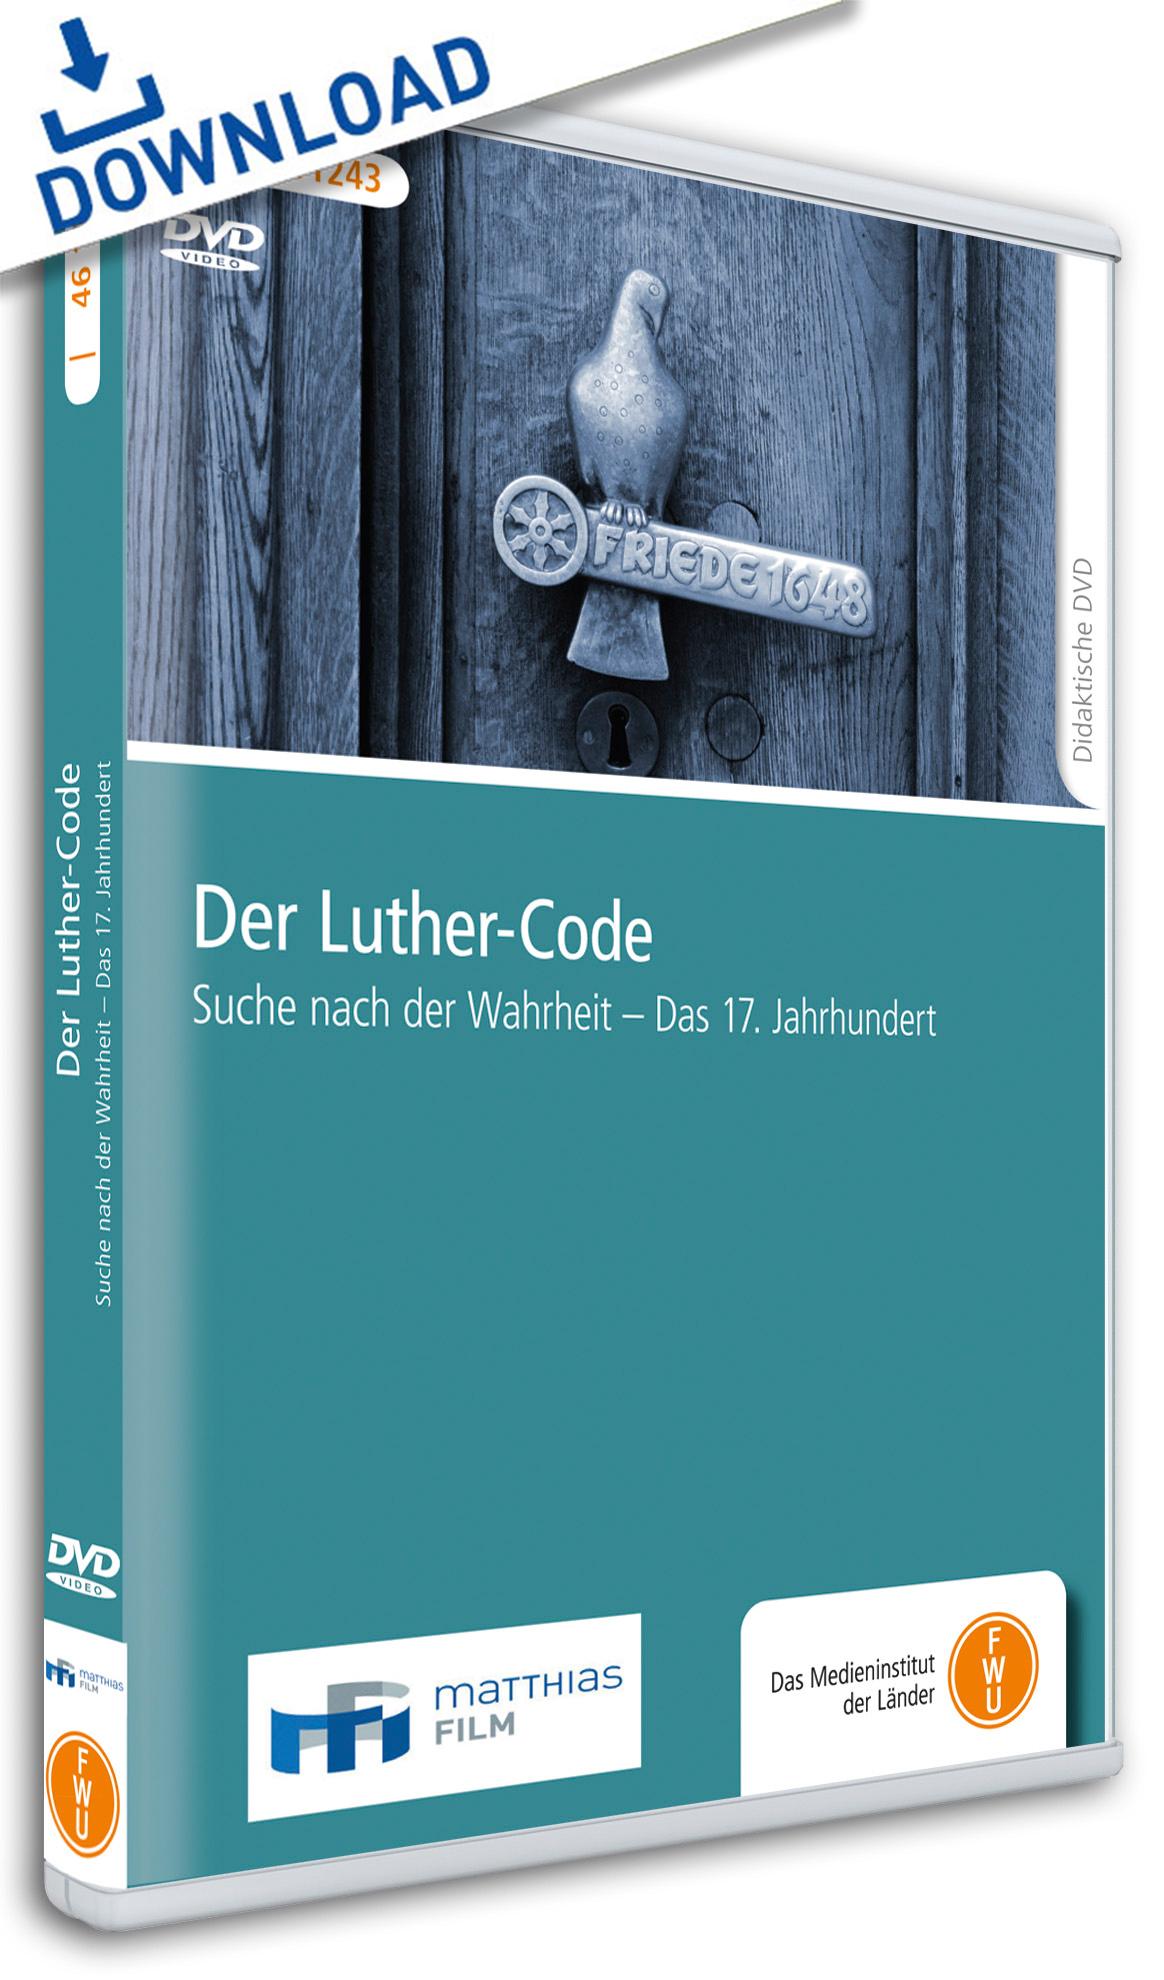 Der-Luther-Code-Suche-nach-der-Wahrheit-